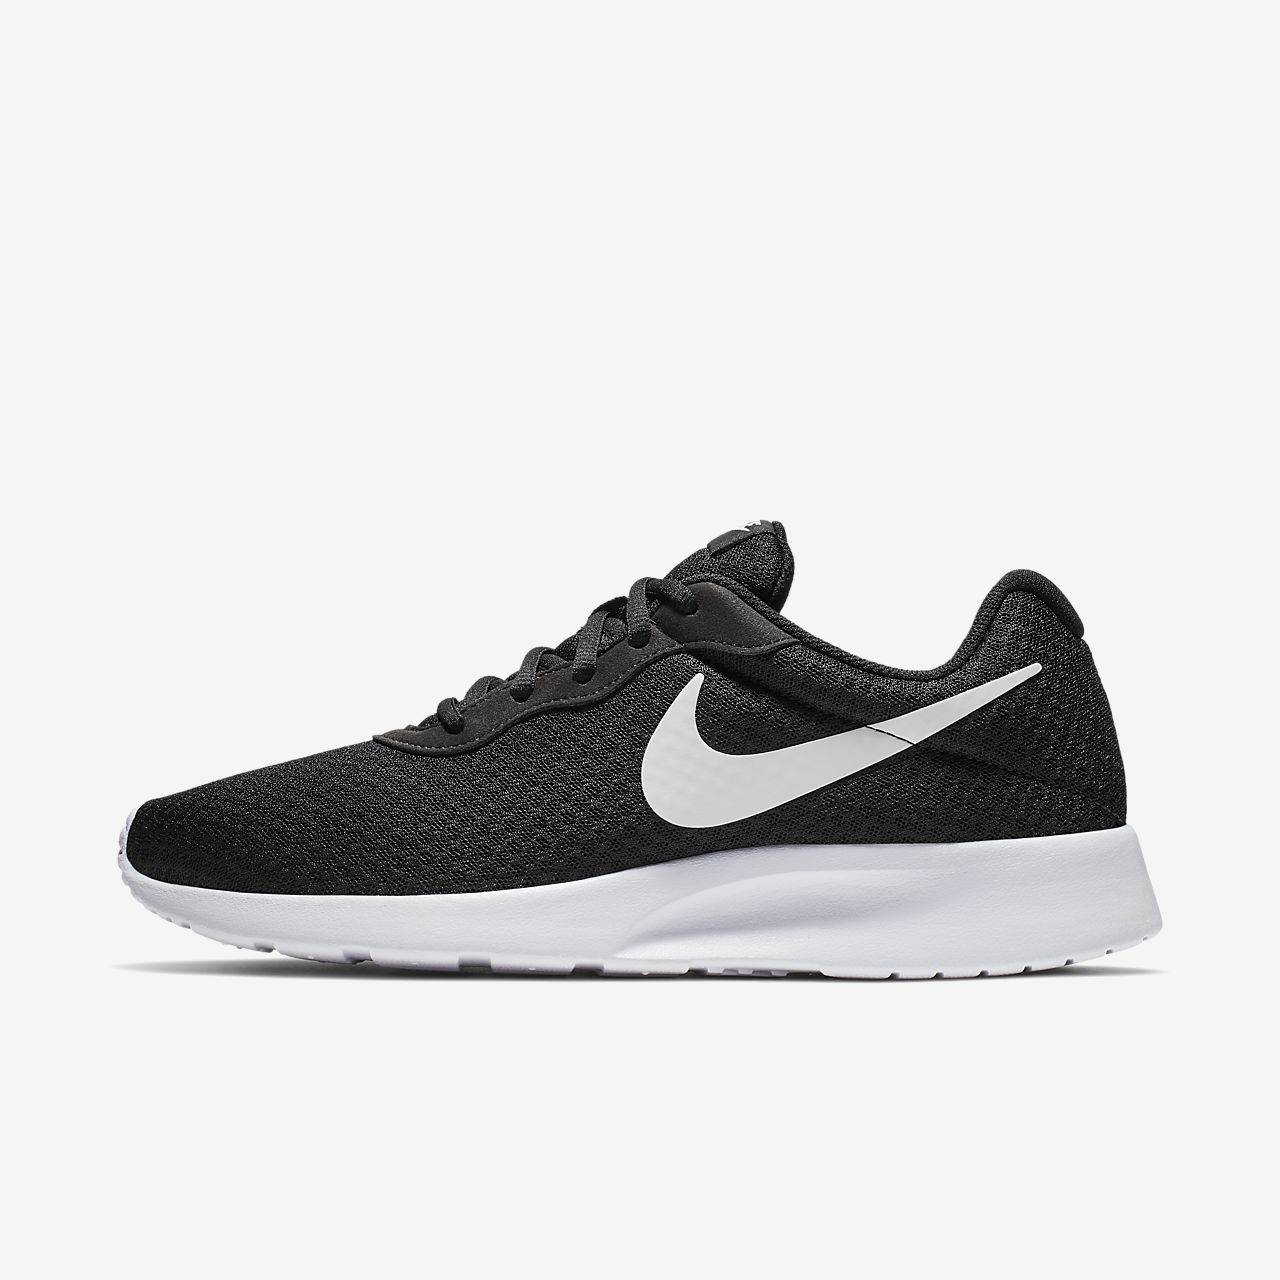 92b6a4ff56114 Acquista Off53 Nike Scarpe Skate Sconti rtArRw